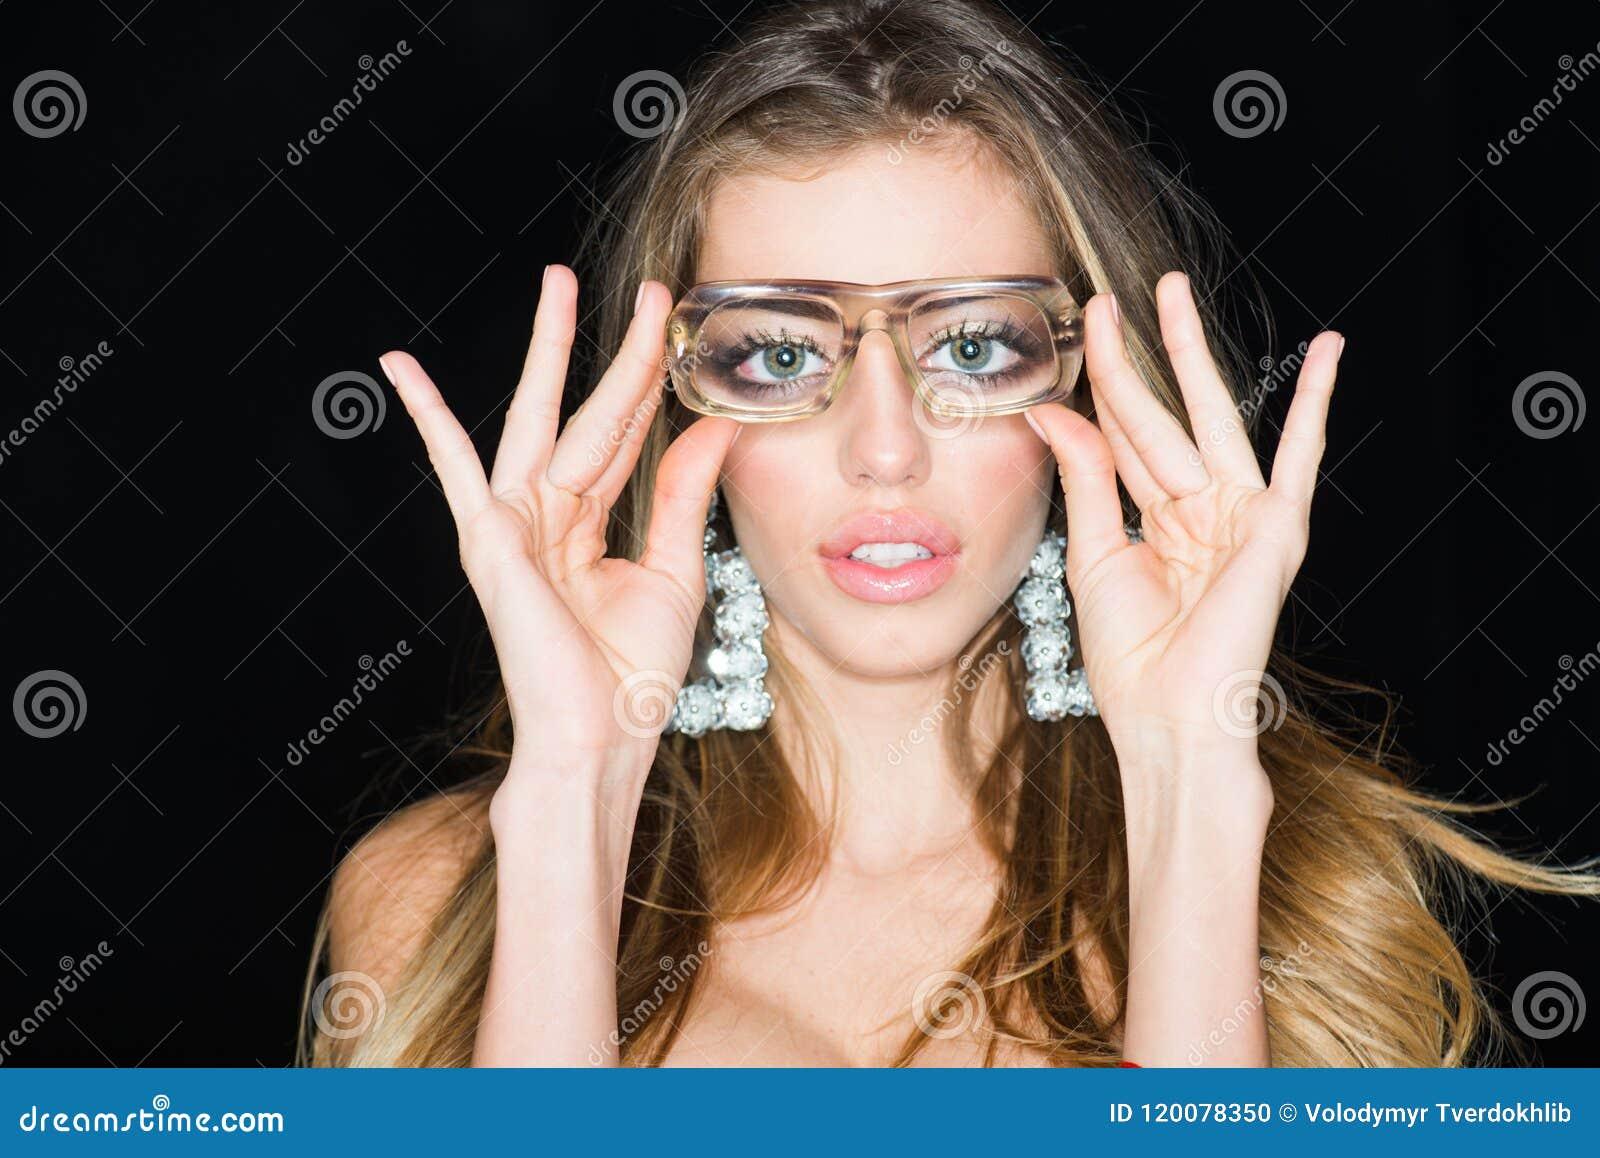 Теперь я могу увидеть вас хорошо Чувственные стекла моды носки женщины Женщина с увеличиванными глазами Девушка болвана с в стиле